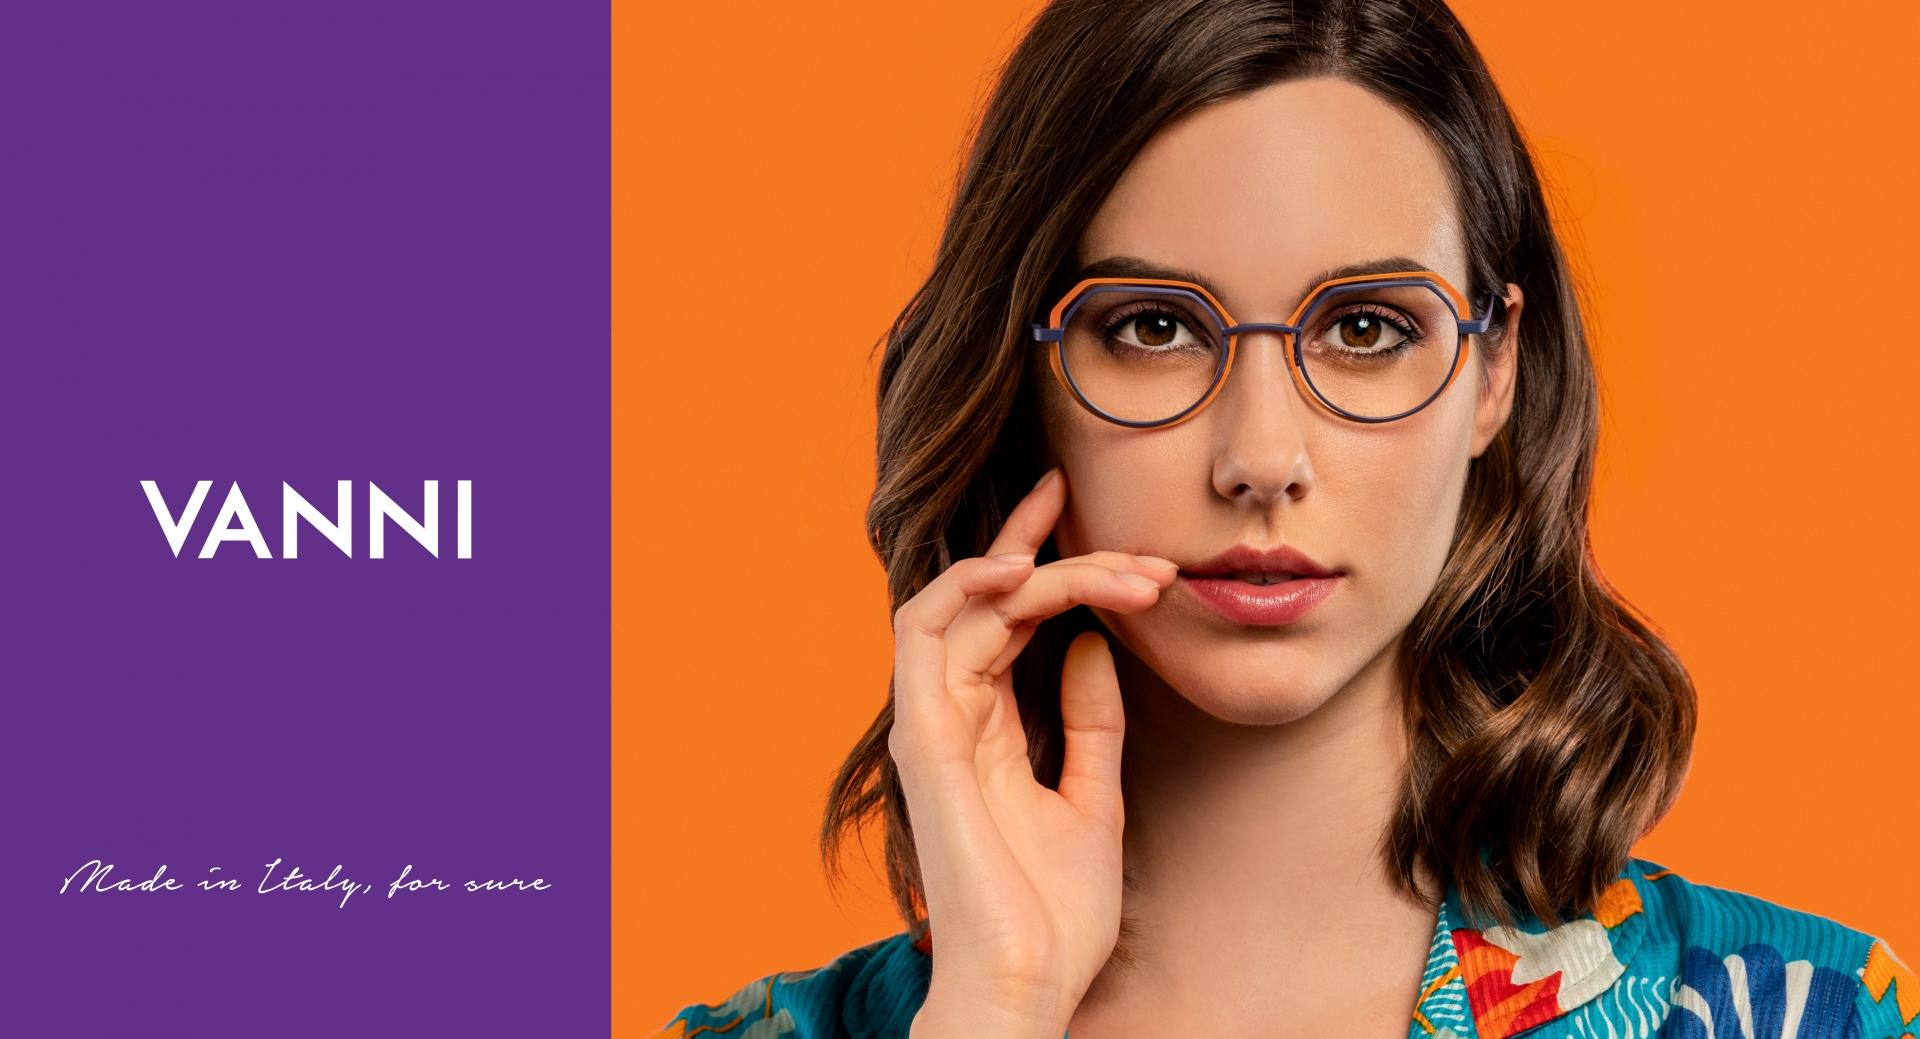 PURE COLOUR in the new VANNI 2021 visual campaign